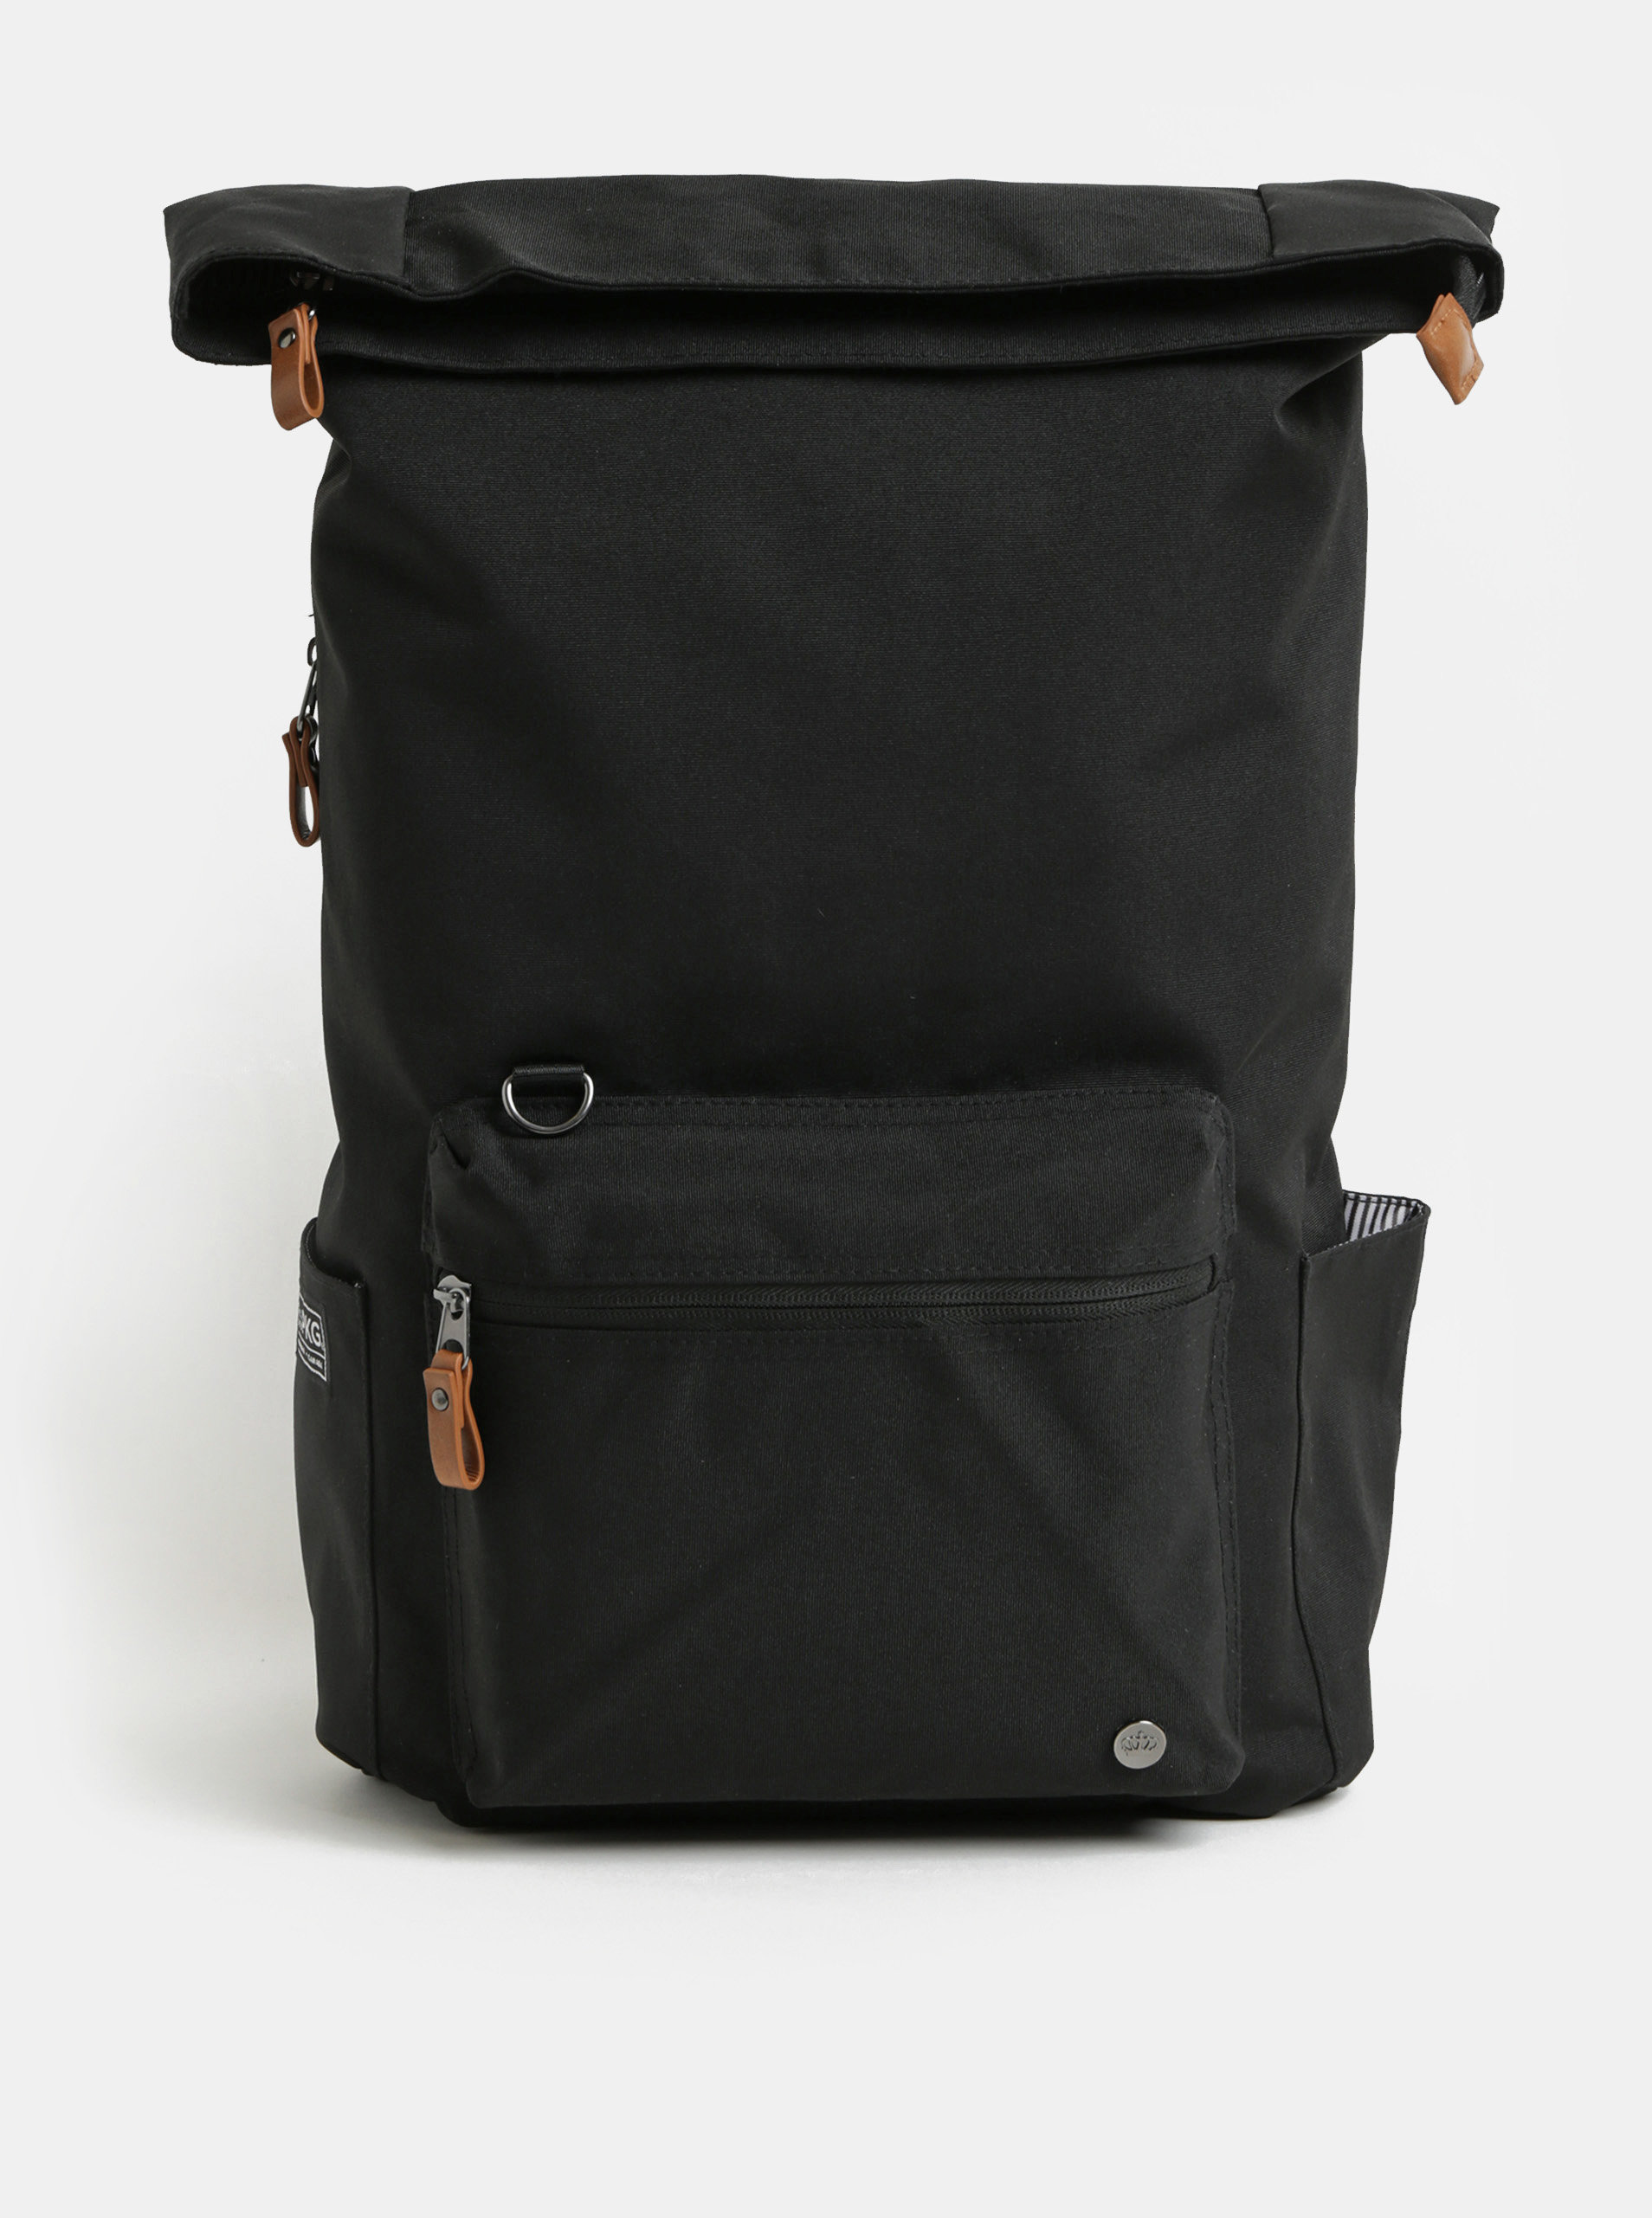 Černý nepromokavý batoh s vnitřní taškou na notebook 2v1 PKG 22 l ... c170401bc3